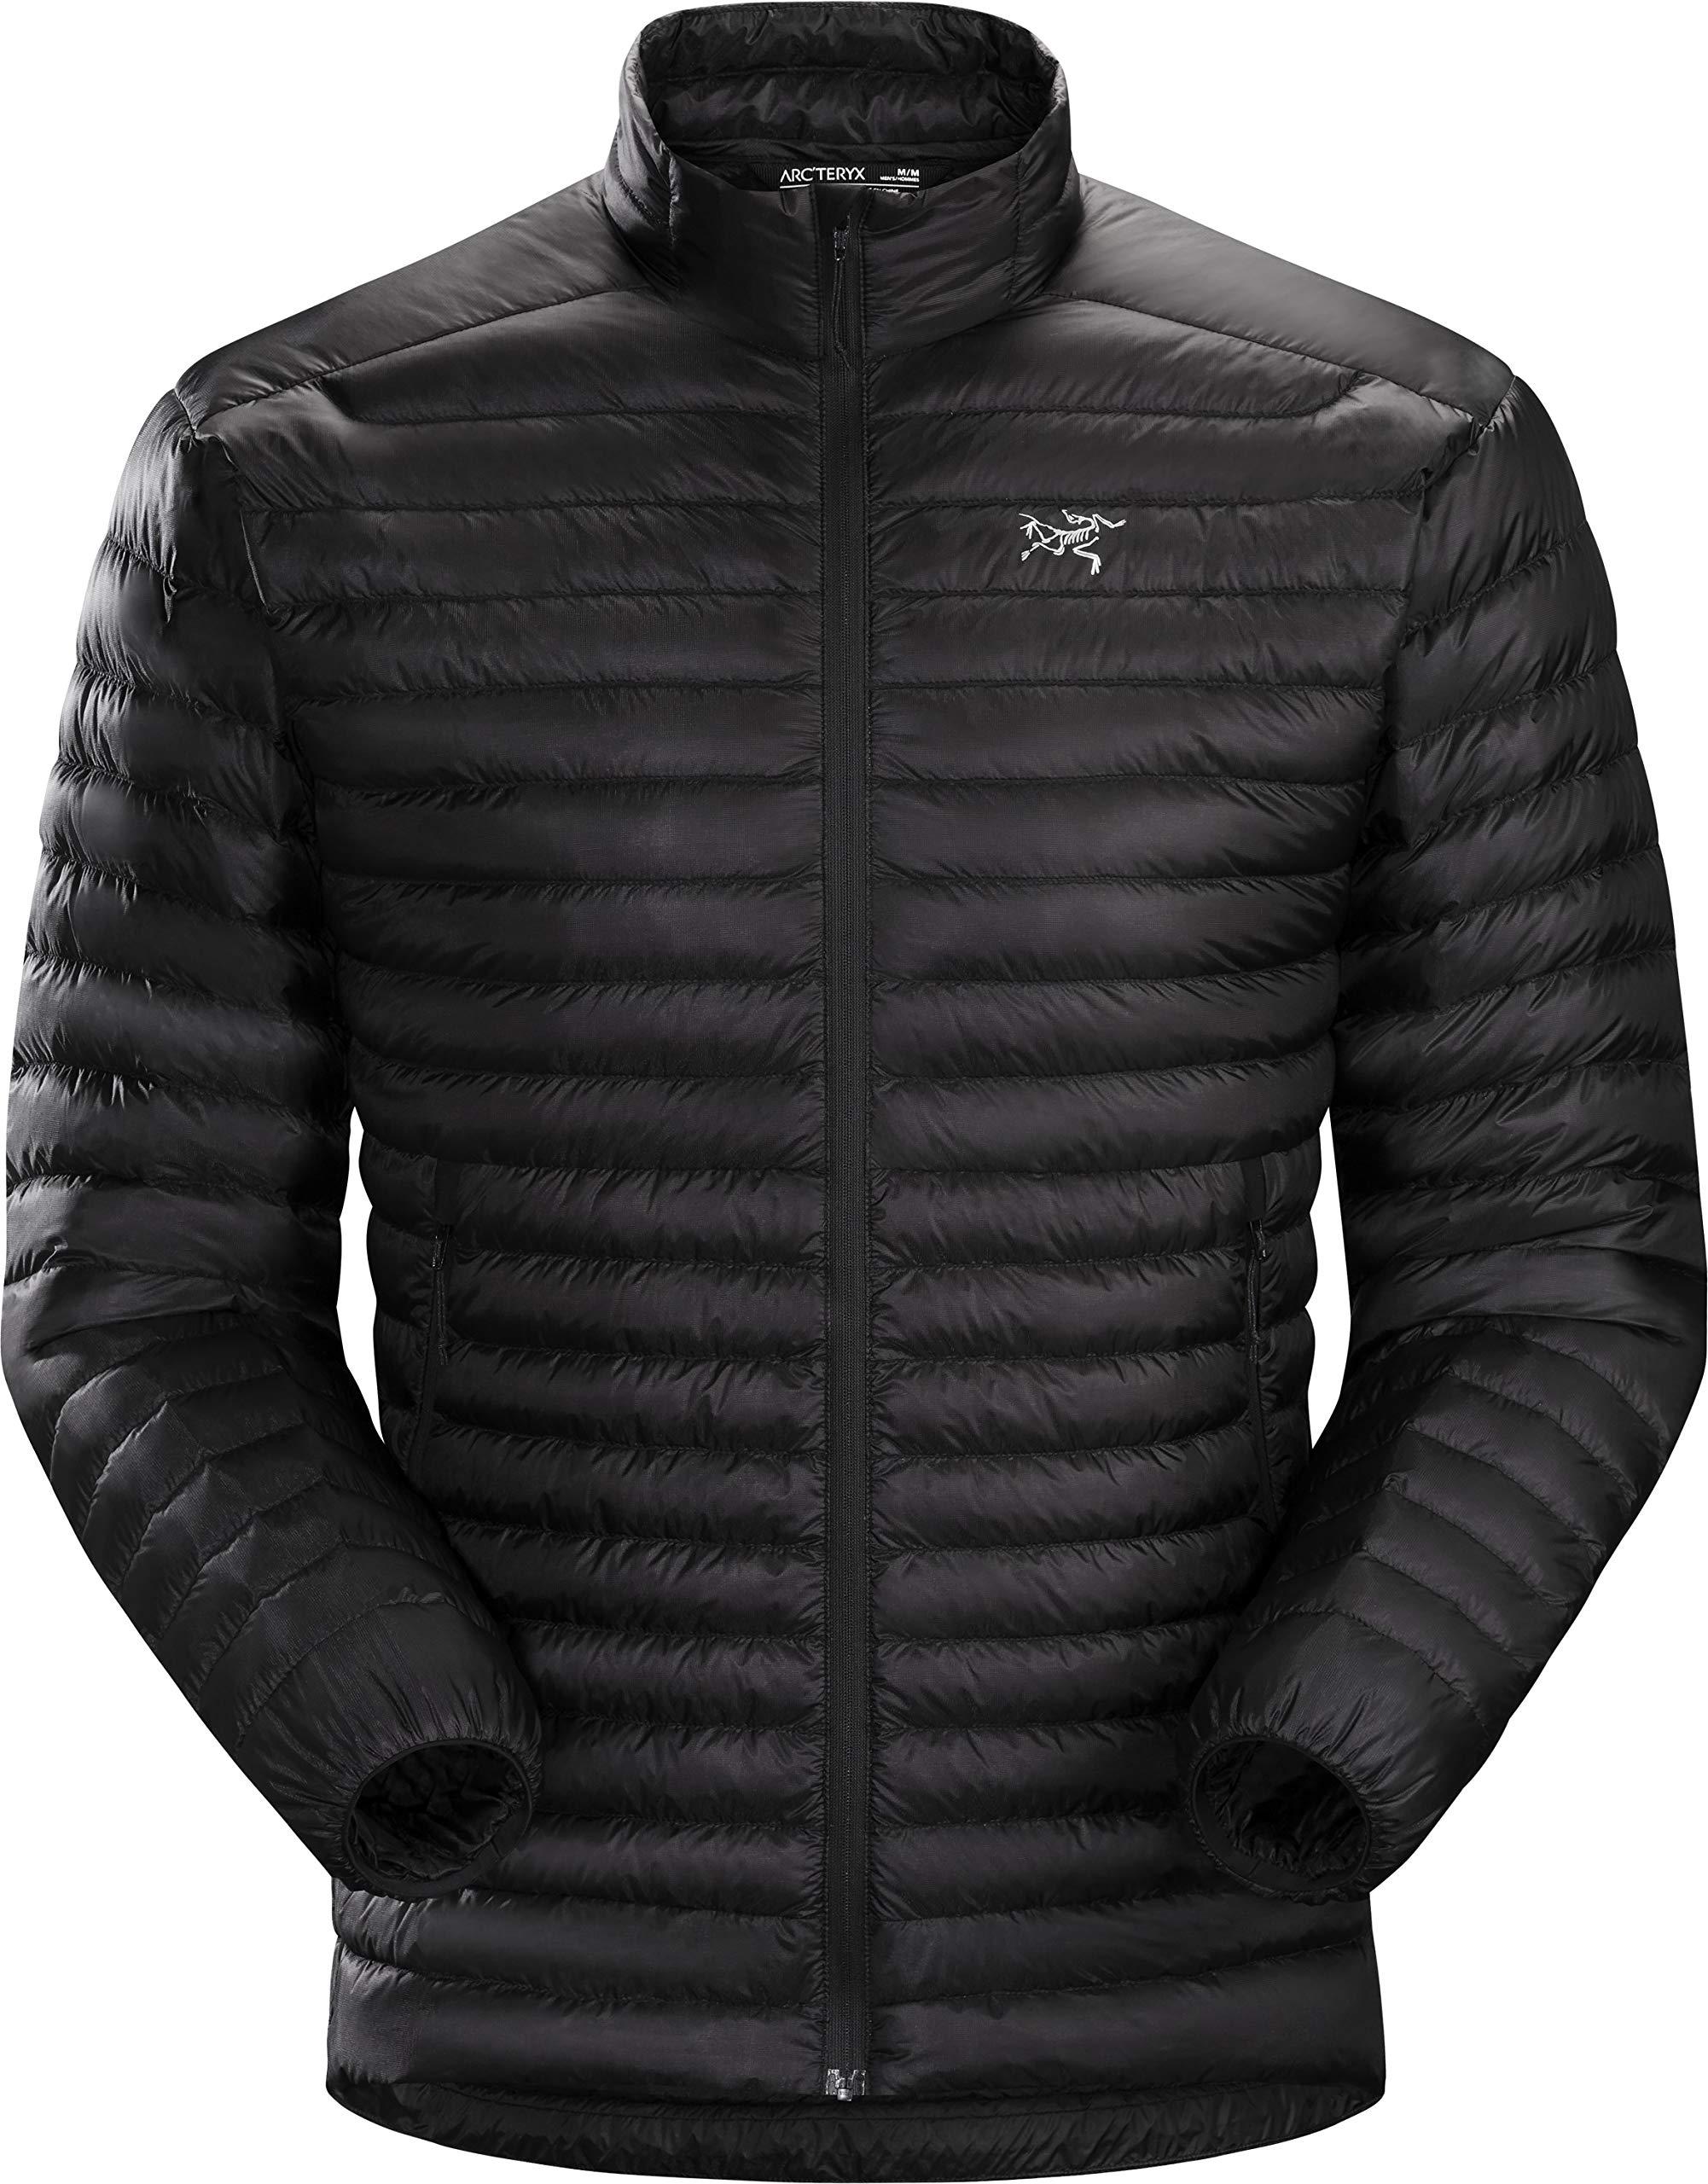 Arc'teryx Cerium SL Jacket Men's (Black, Medium) by Arc'teryx